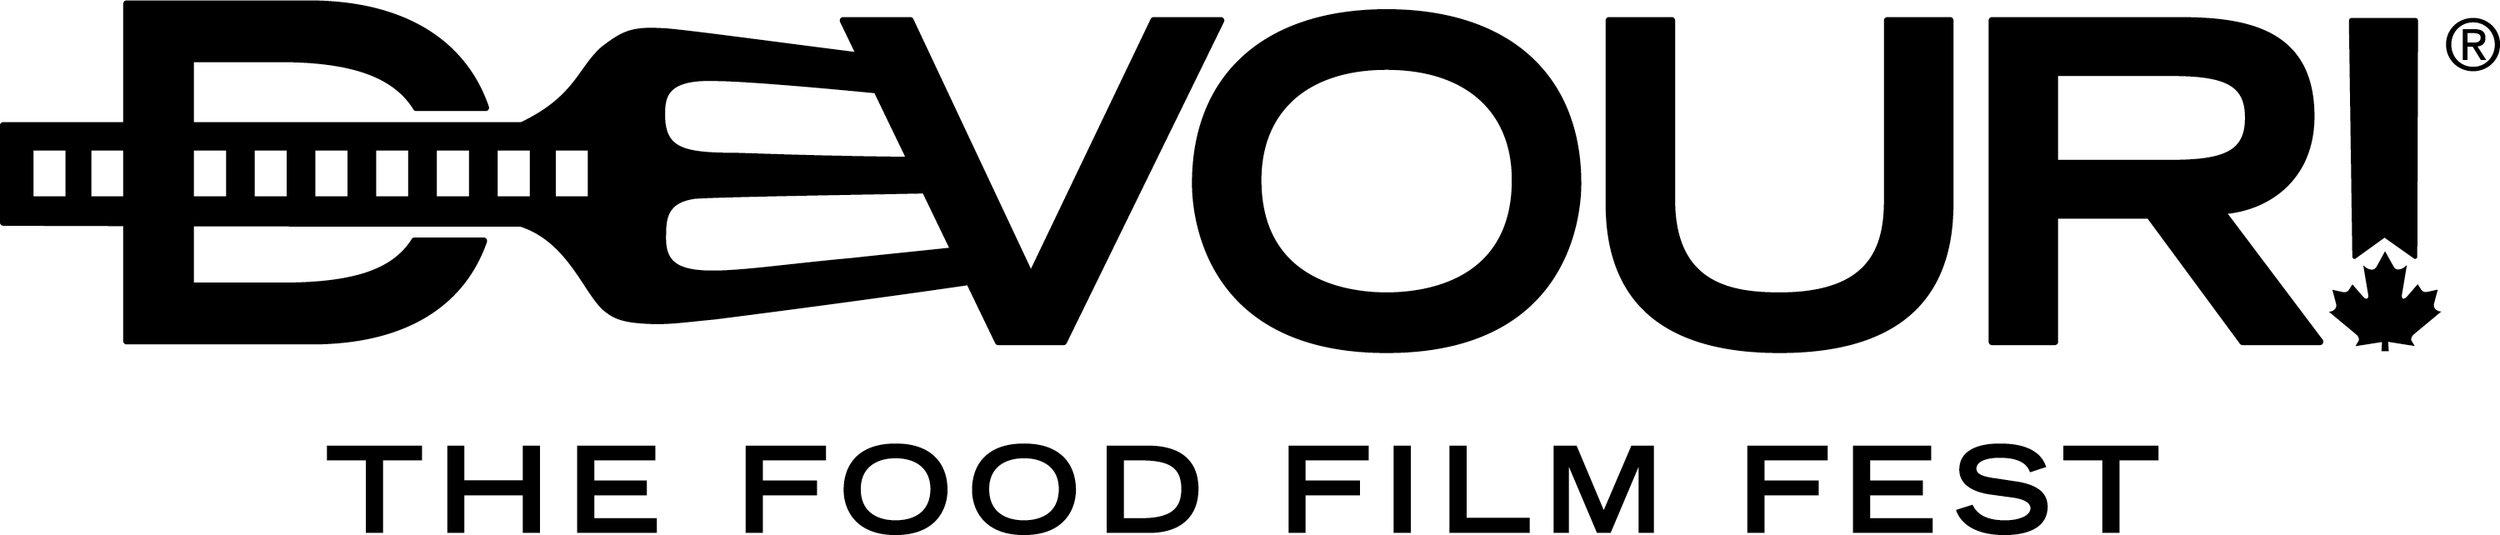 Devour!_Logo.jpg